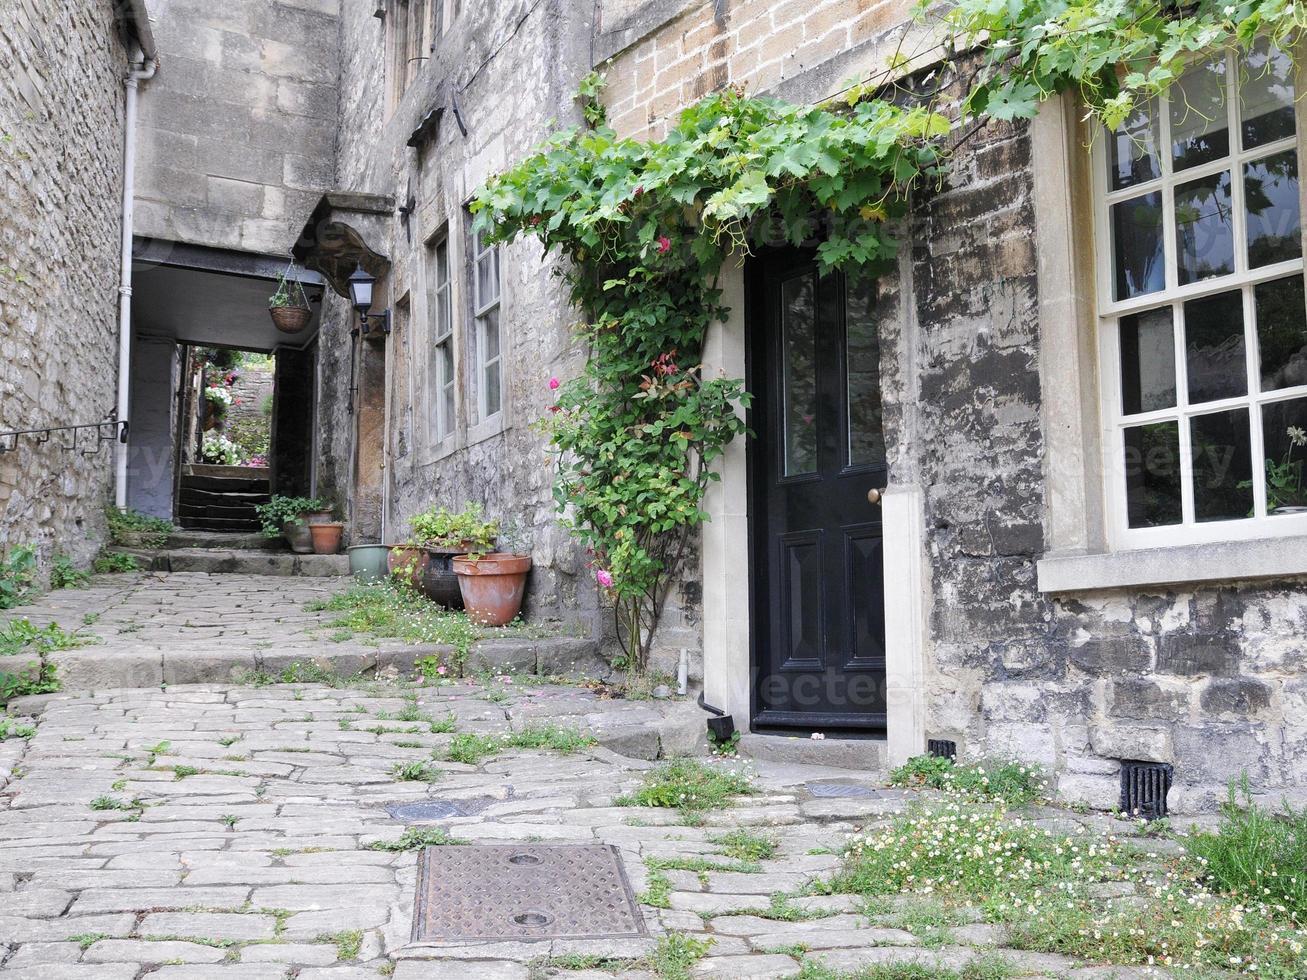 vecchie case a schiera foto